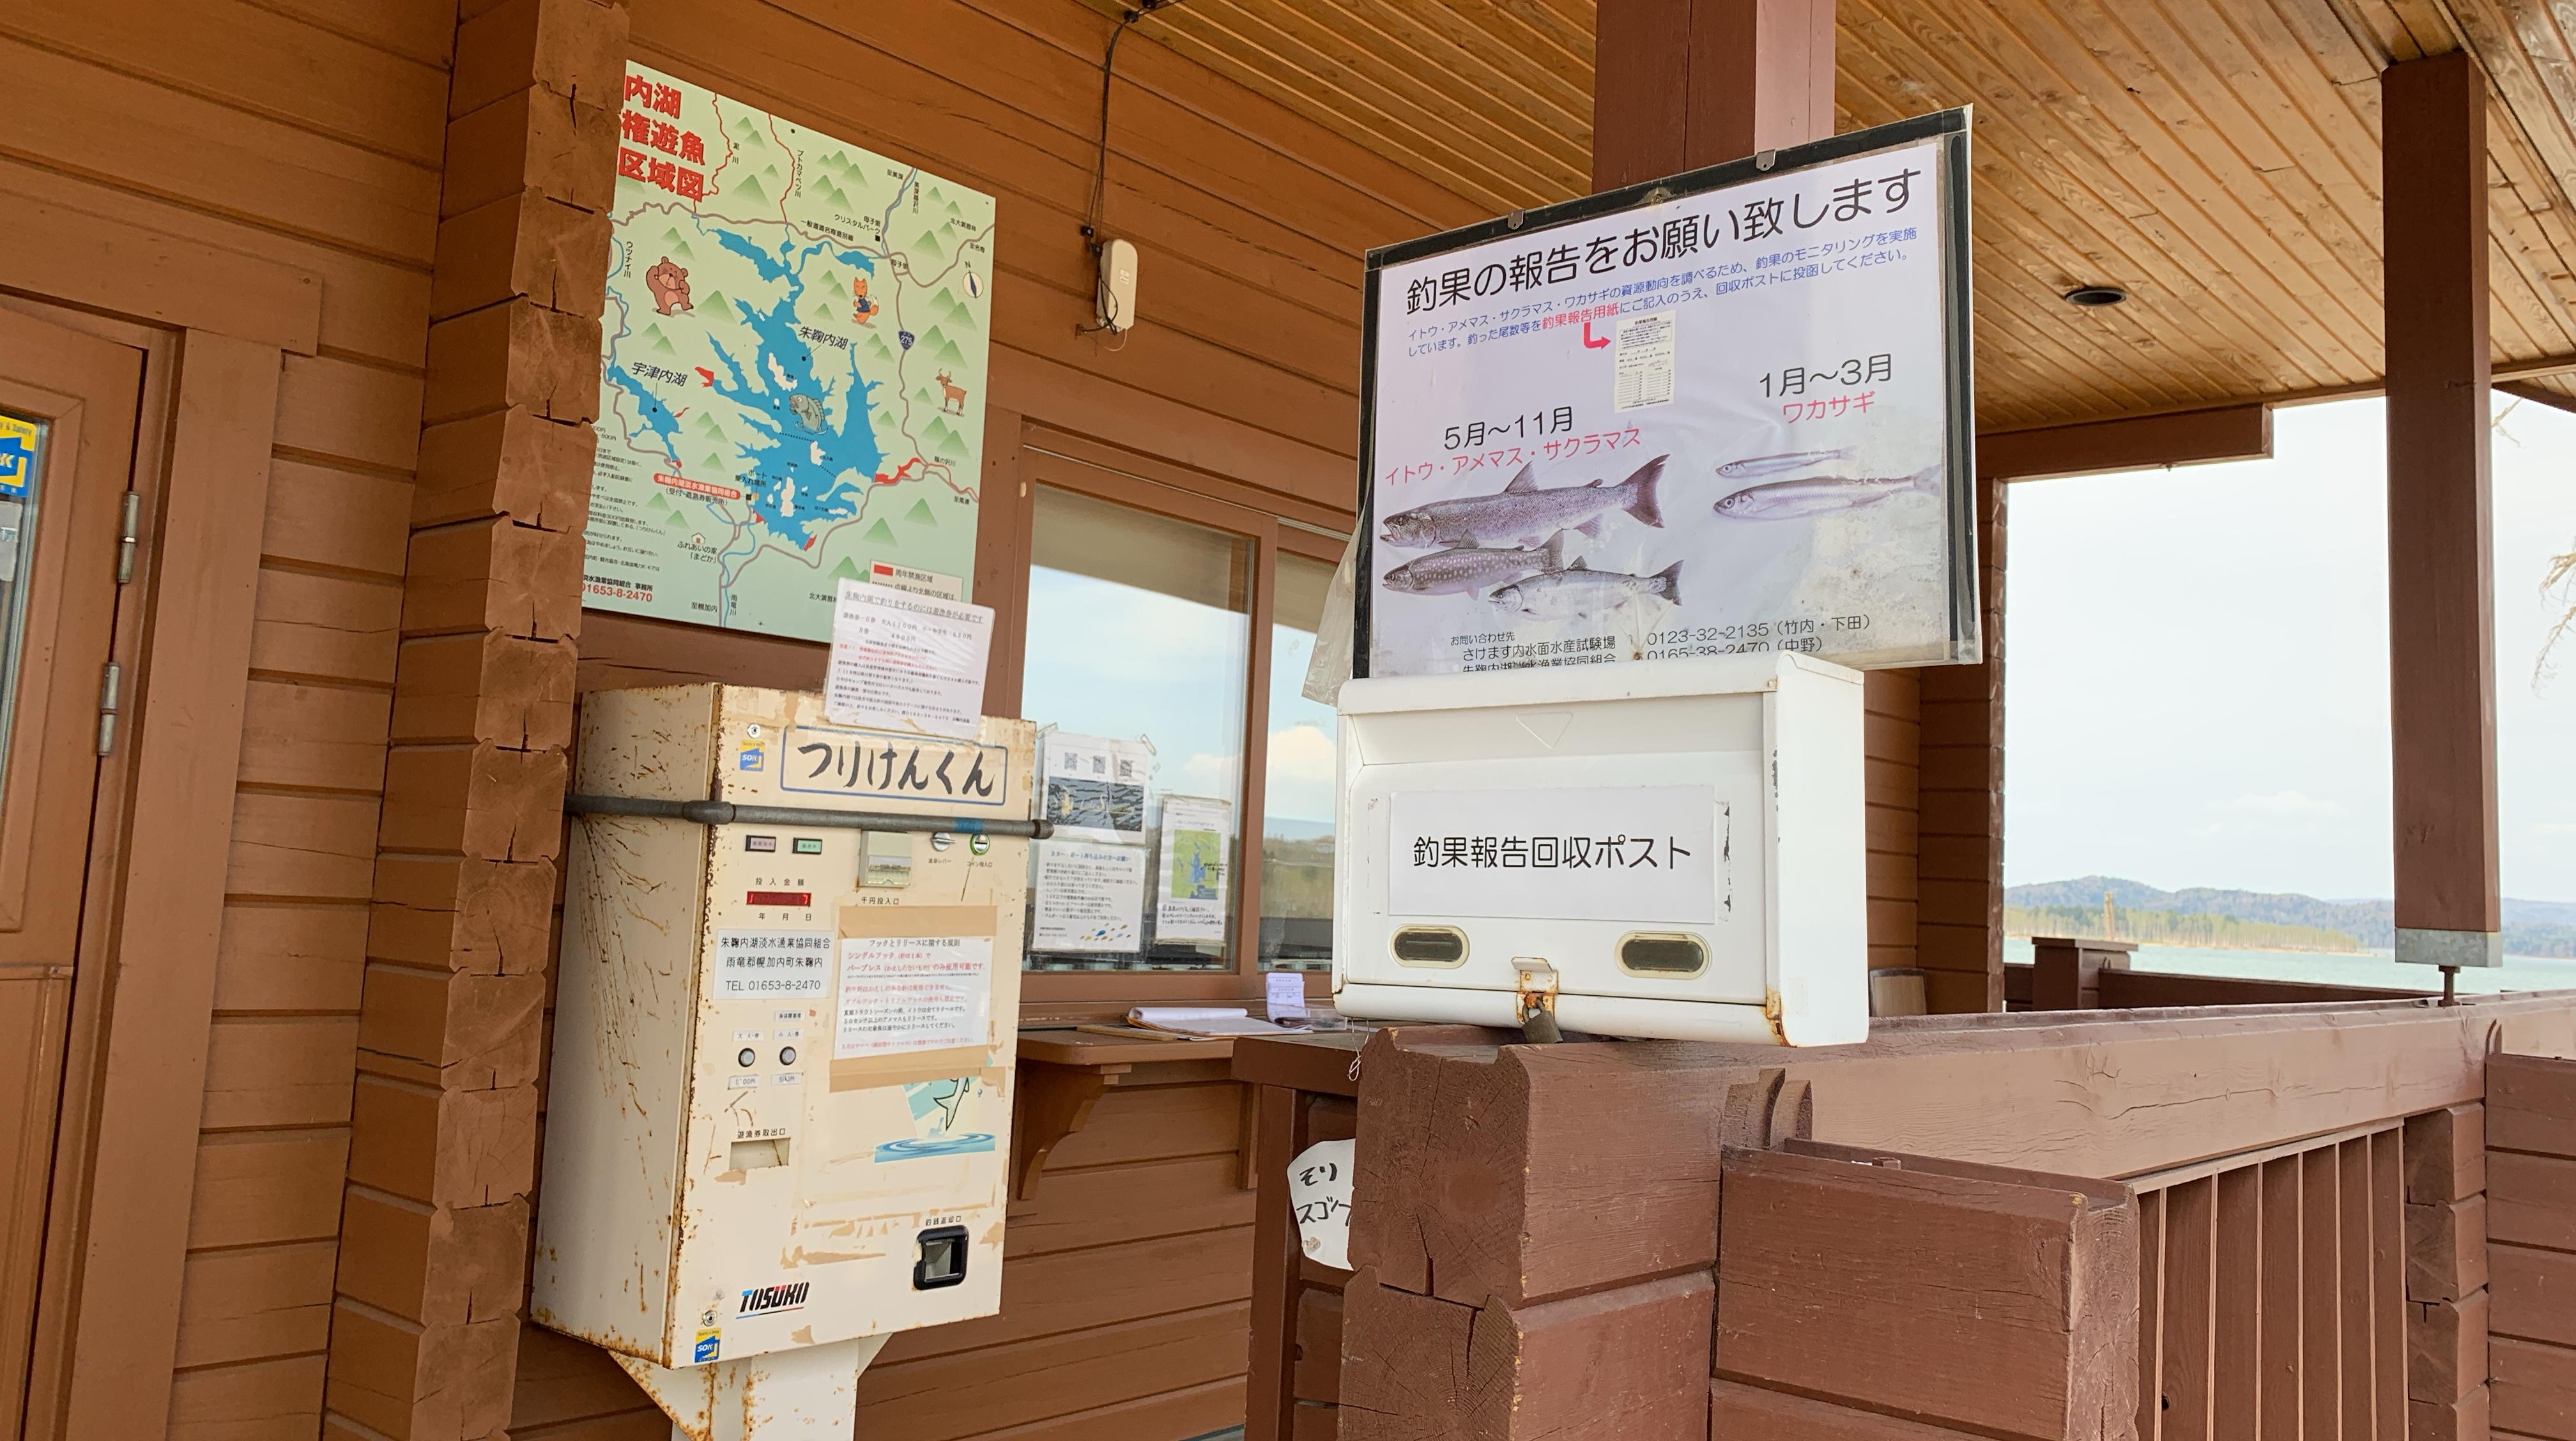 釣り券自販機のある朱鞠内湖